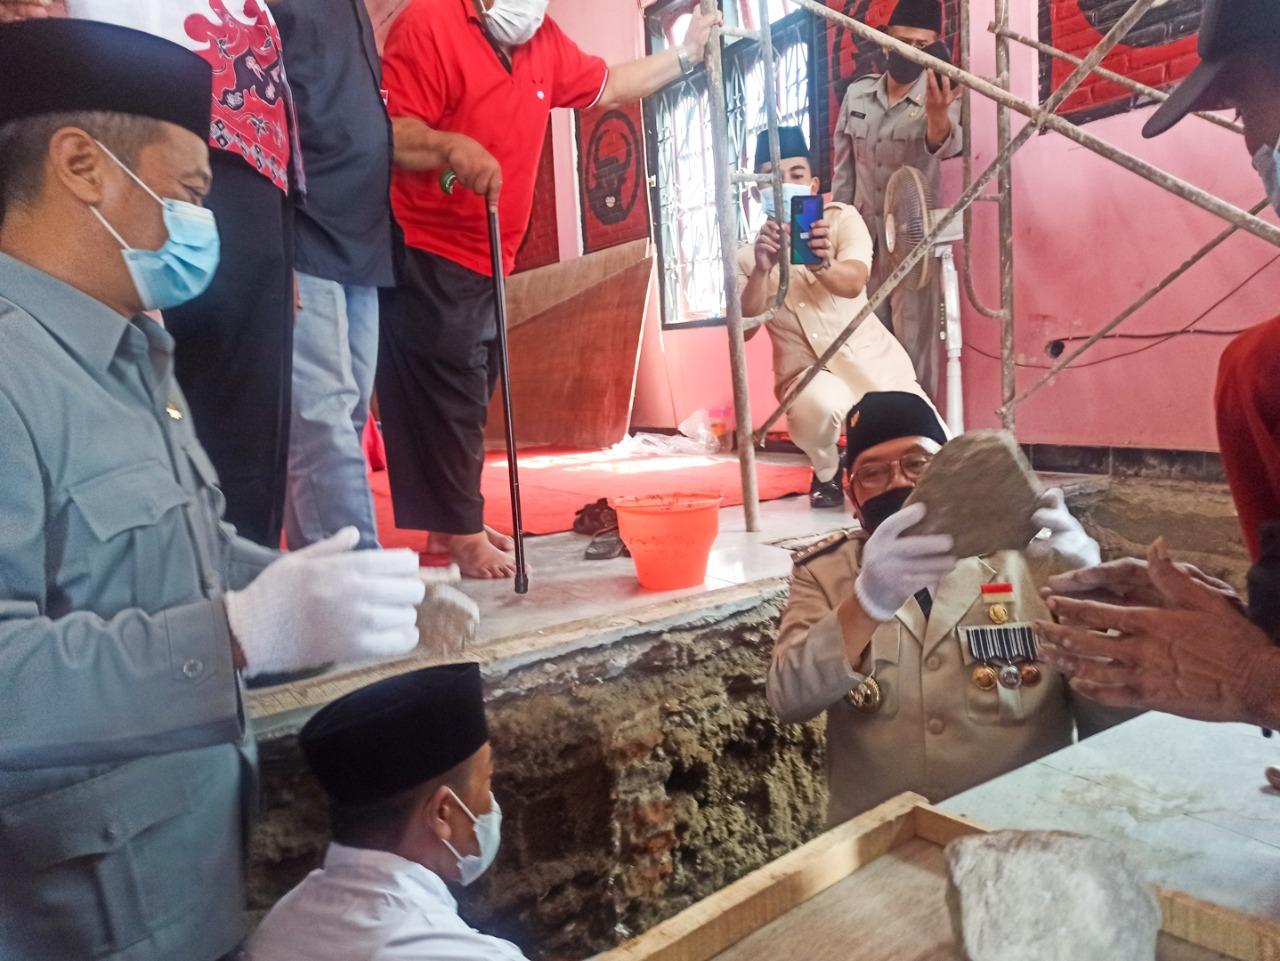 Semangat Hari Lahir Pancasila, DPC PDI Perjuangan Kota Blitar Bangun Kantor Baru 3 Lantai